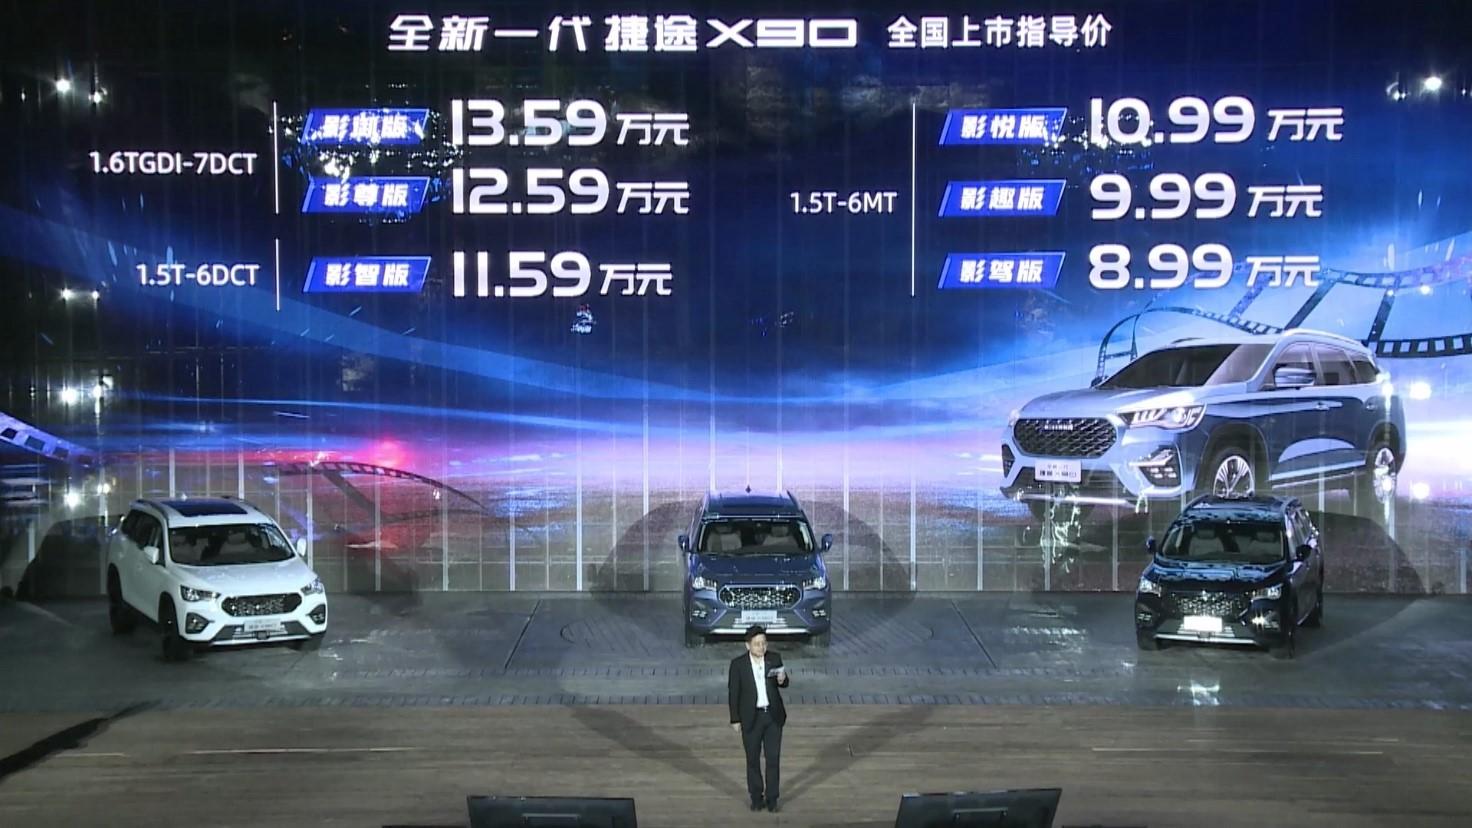 全新一代捷途X90上市 捷途今年销量预增10%-15%图片